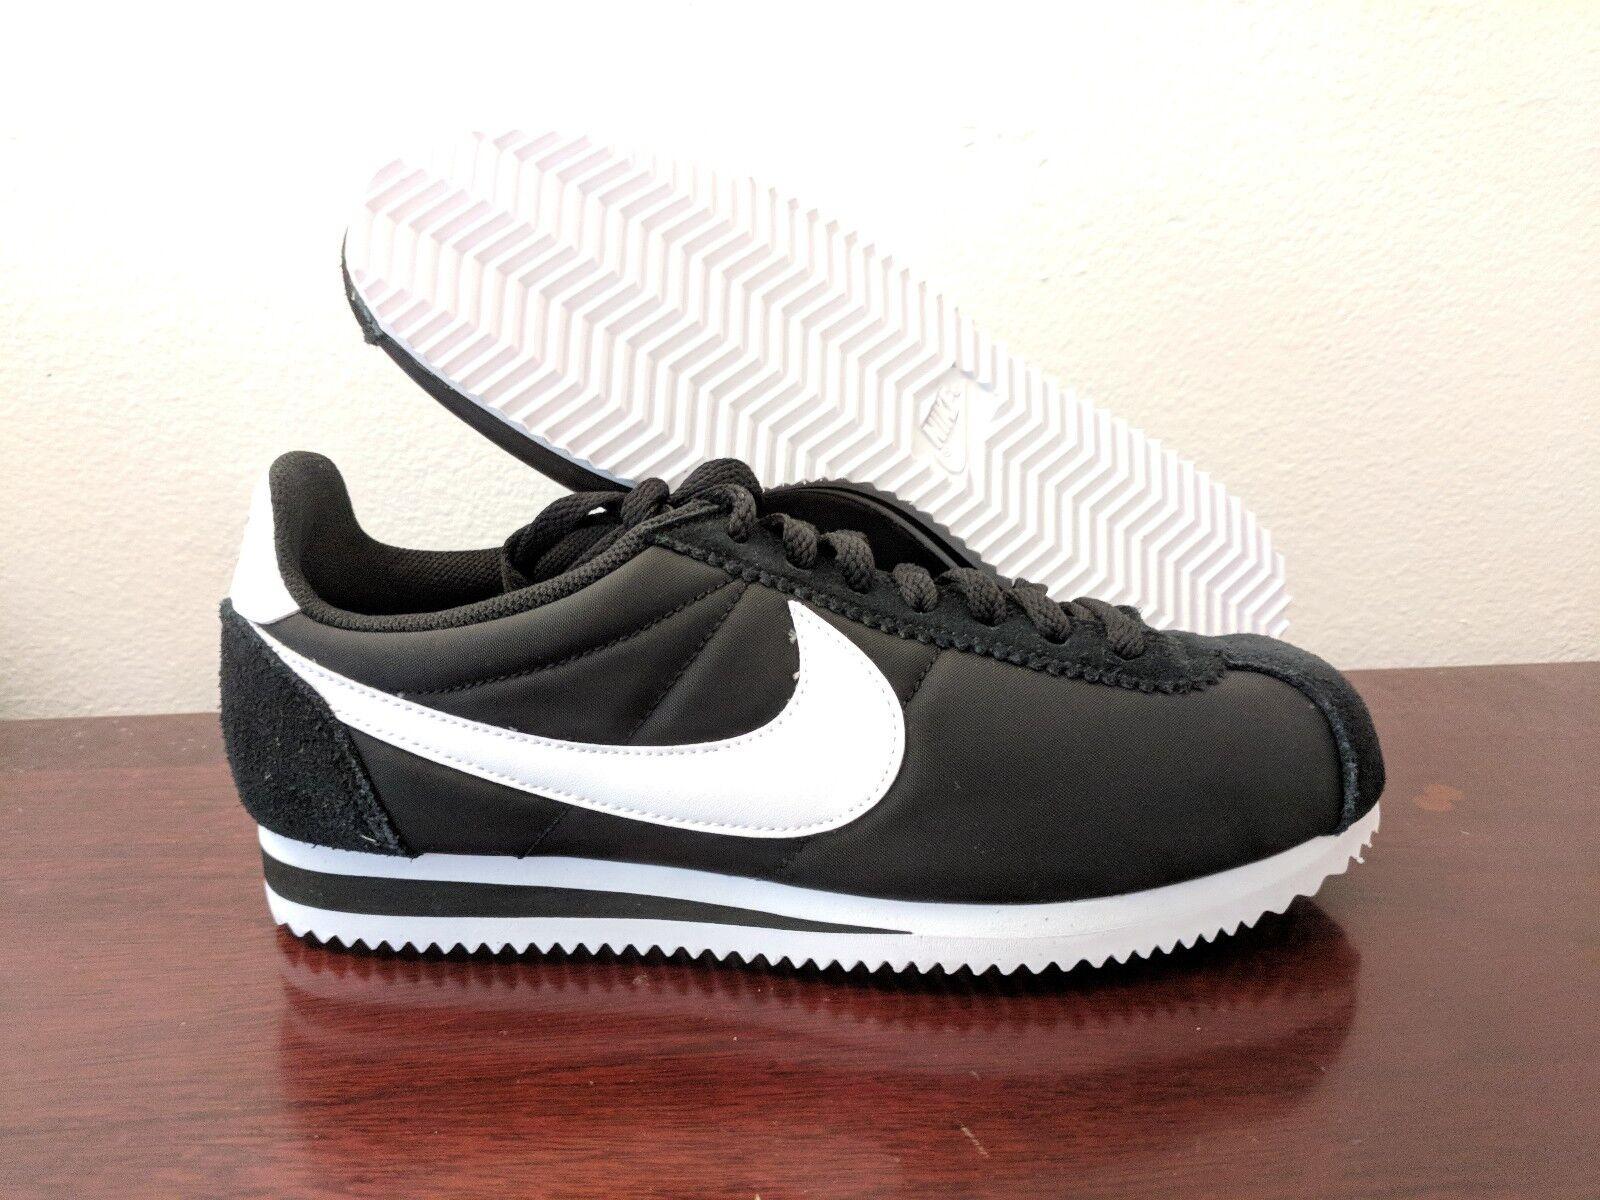 Blancs Nylon Noires Classic Chaussures Nike Cortez OZwx4qat